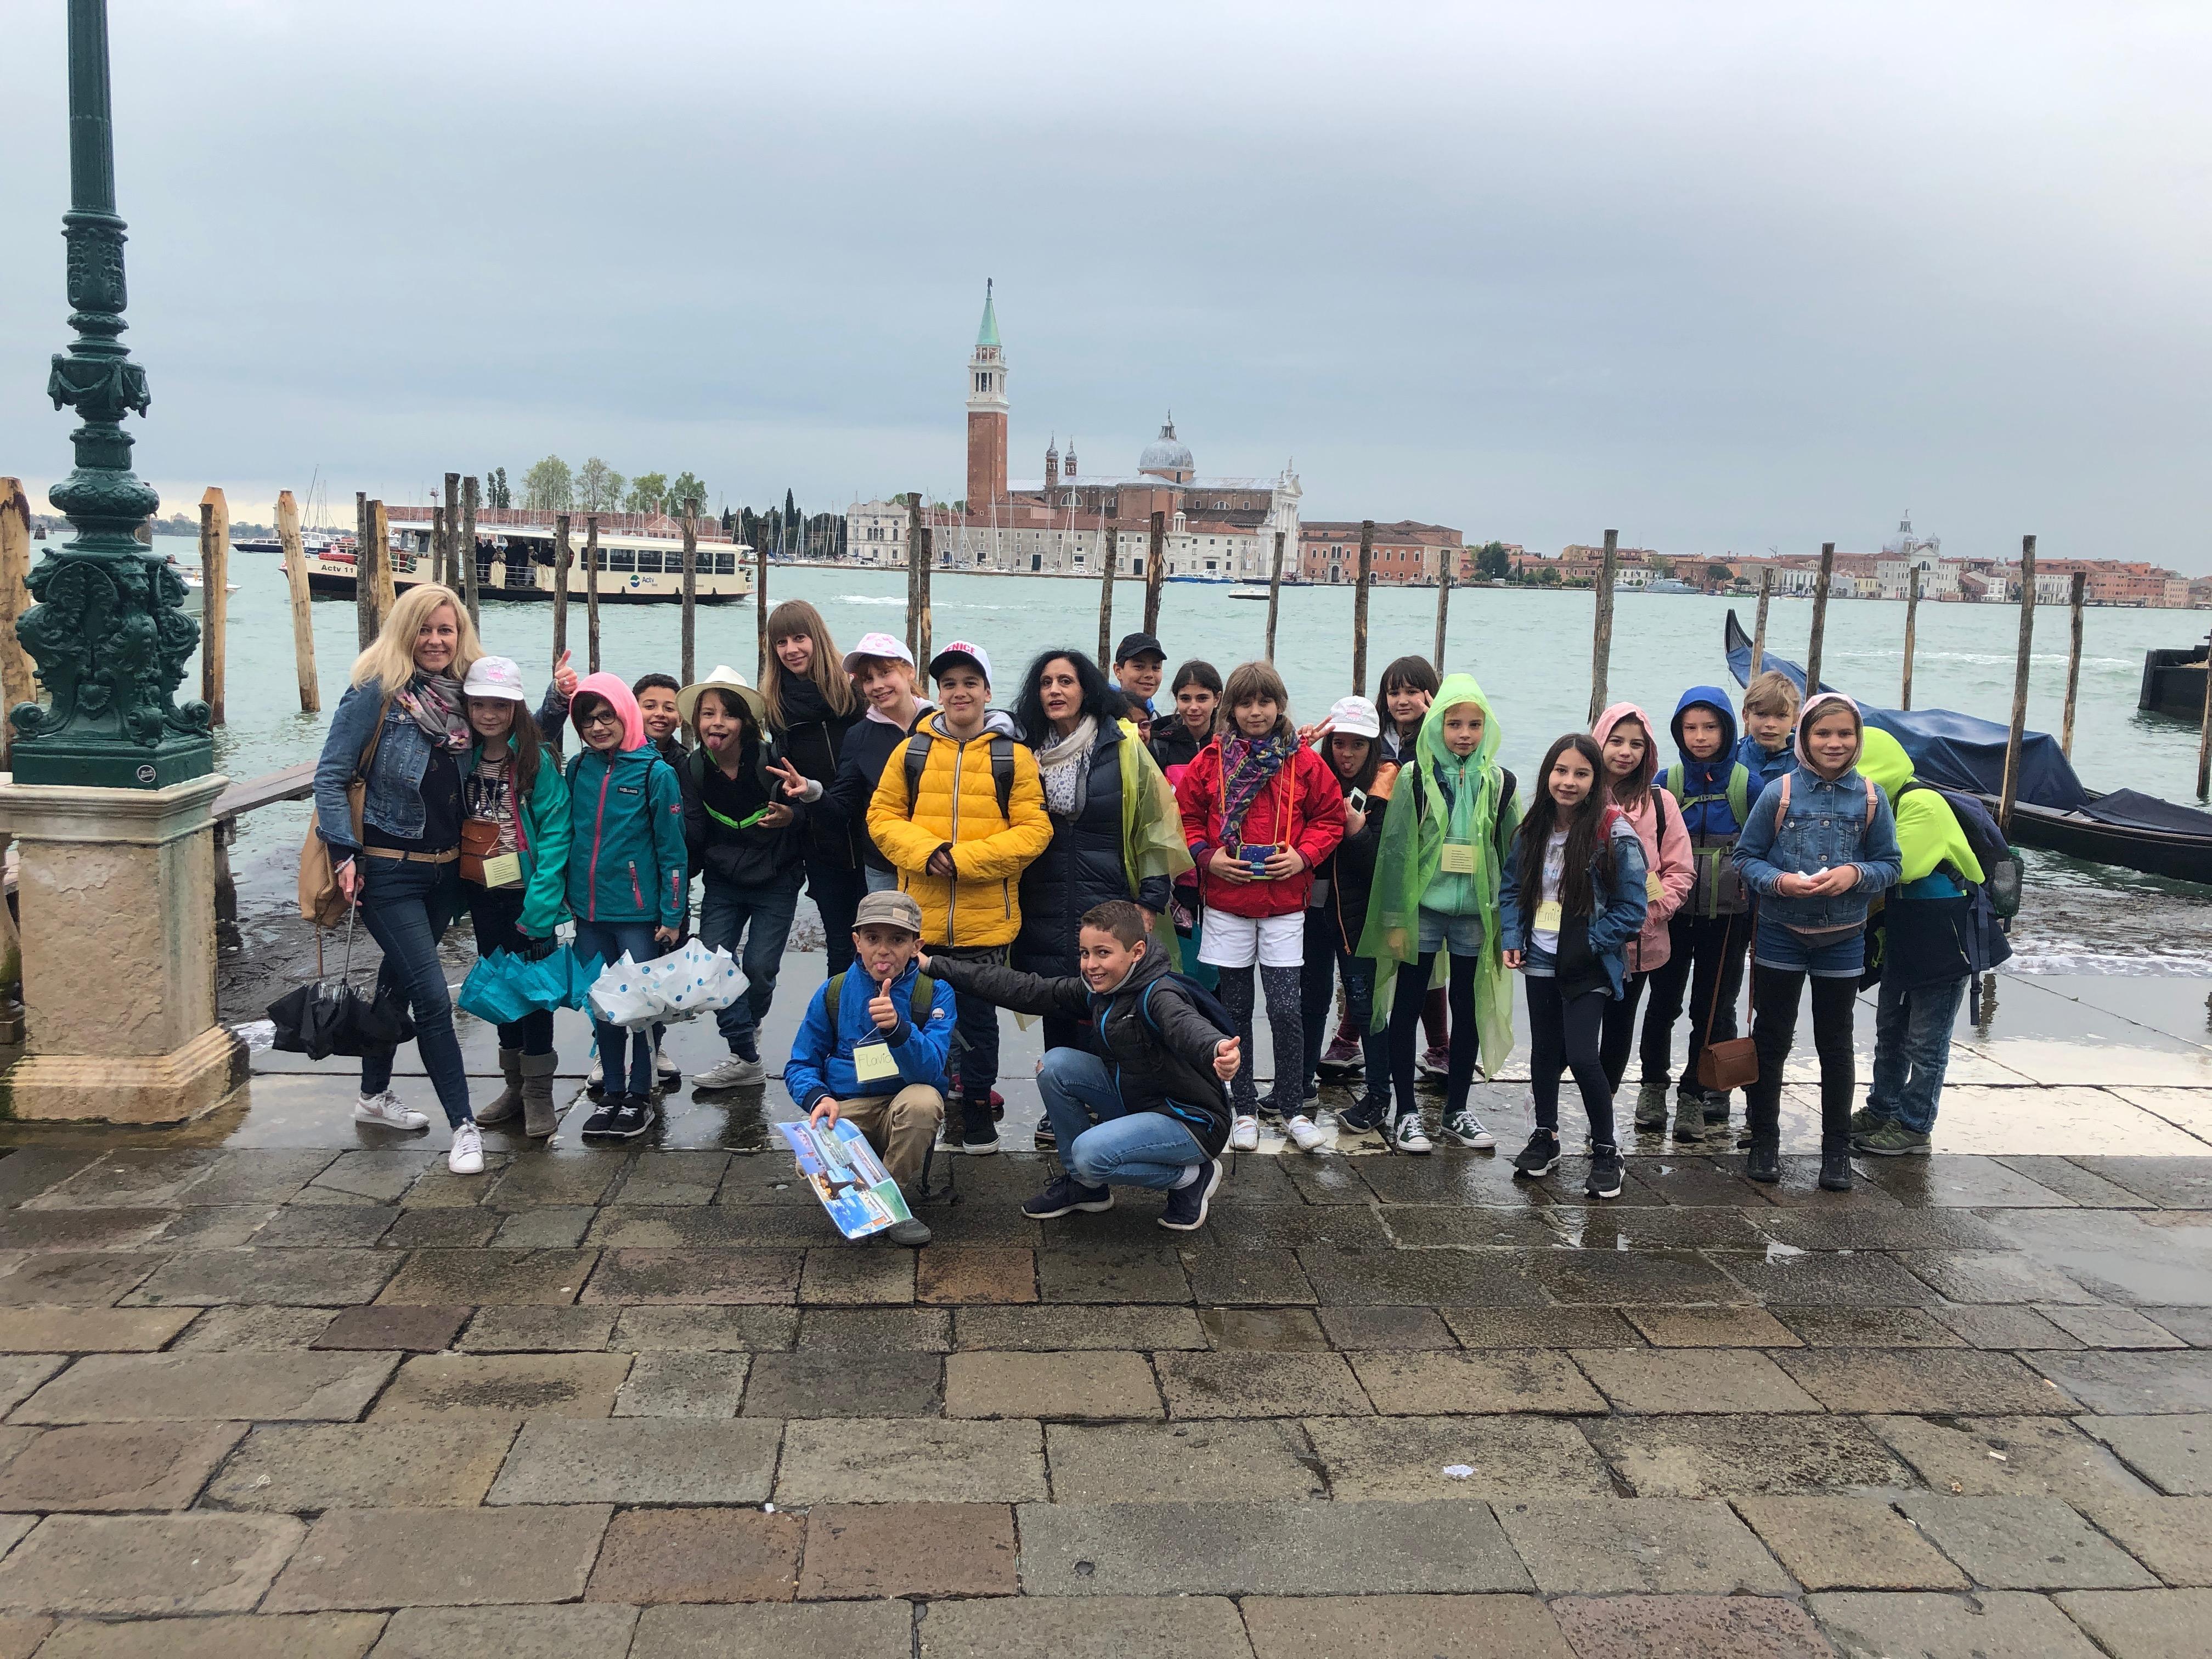 Unser Verona- Aufenthalt vom 13.06.2019 bis zum 19.06.2019